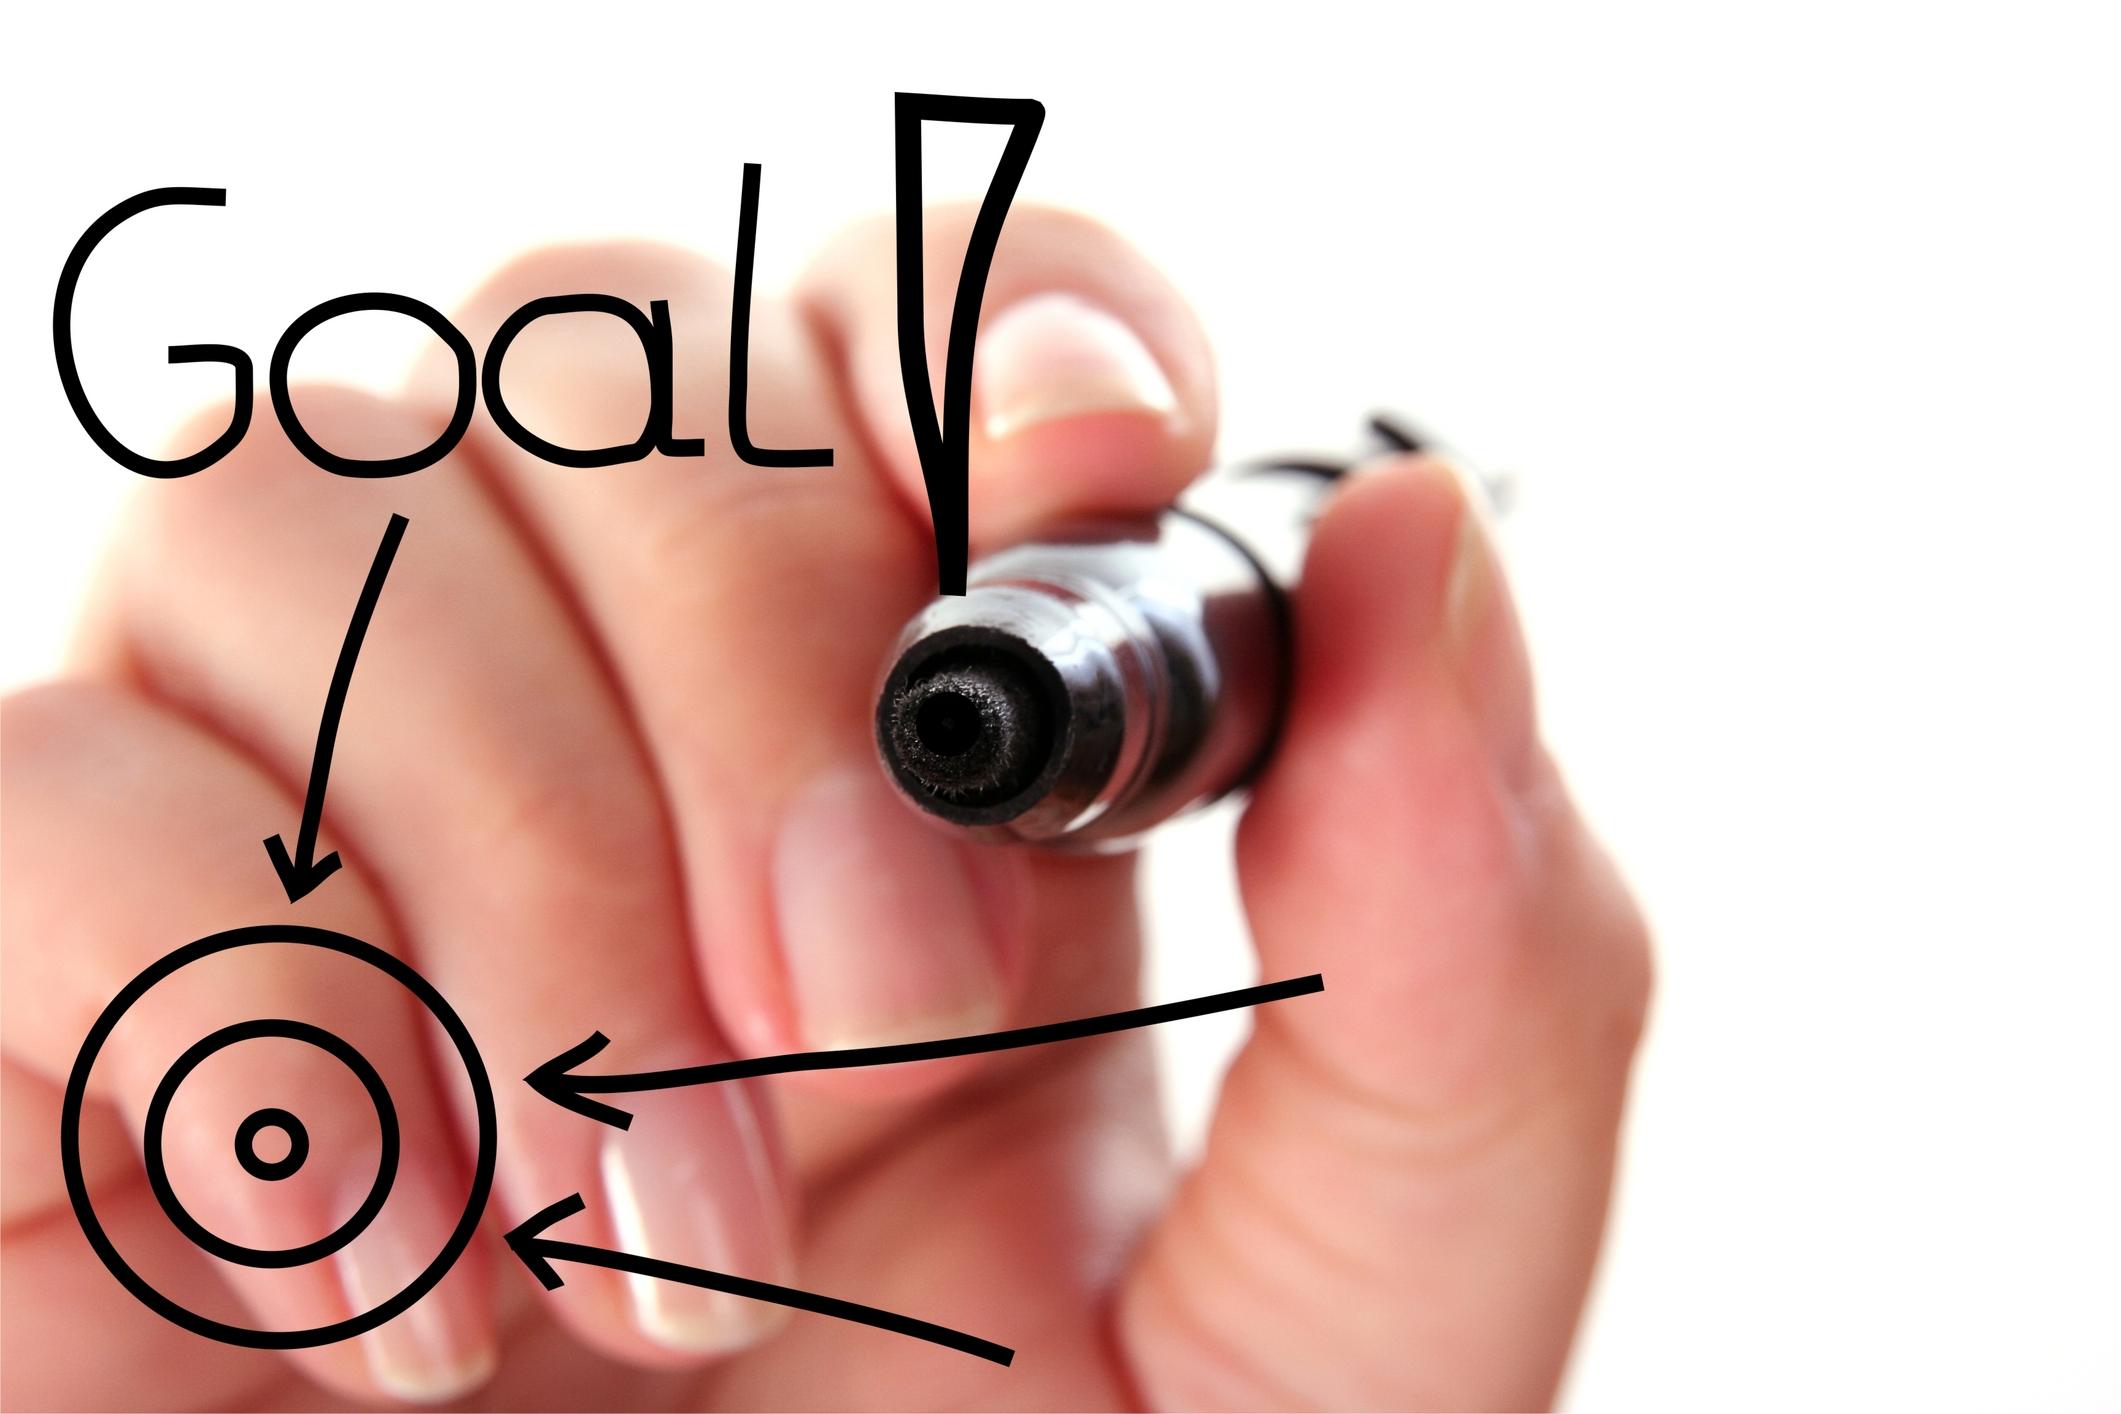 goal target AN org